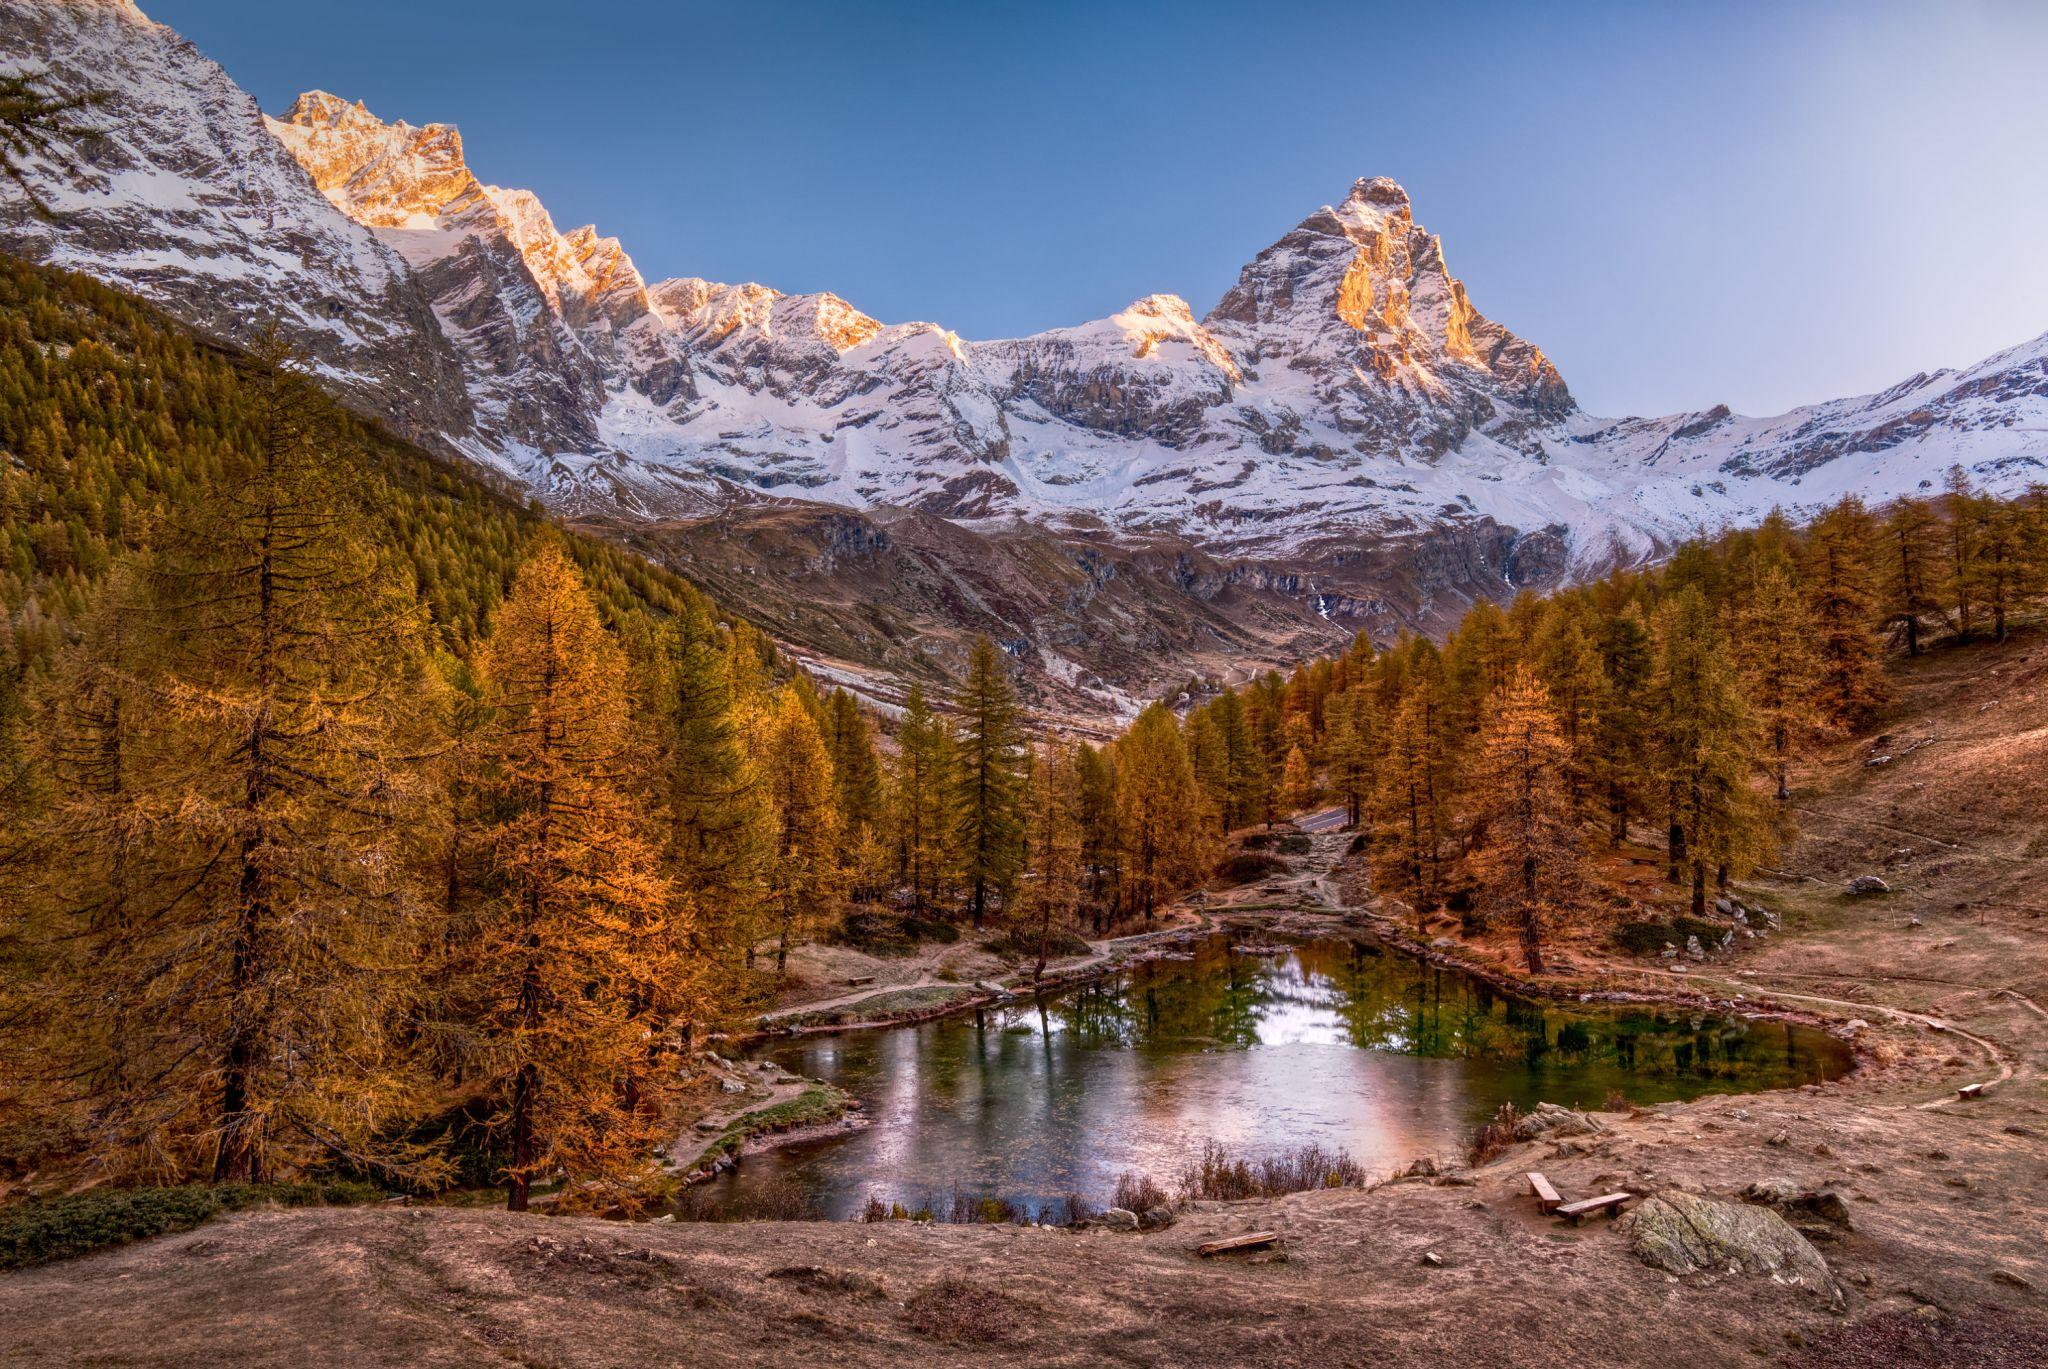 Lago Blu, Italy